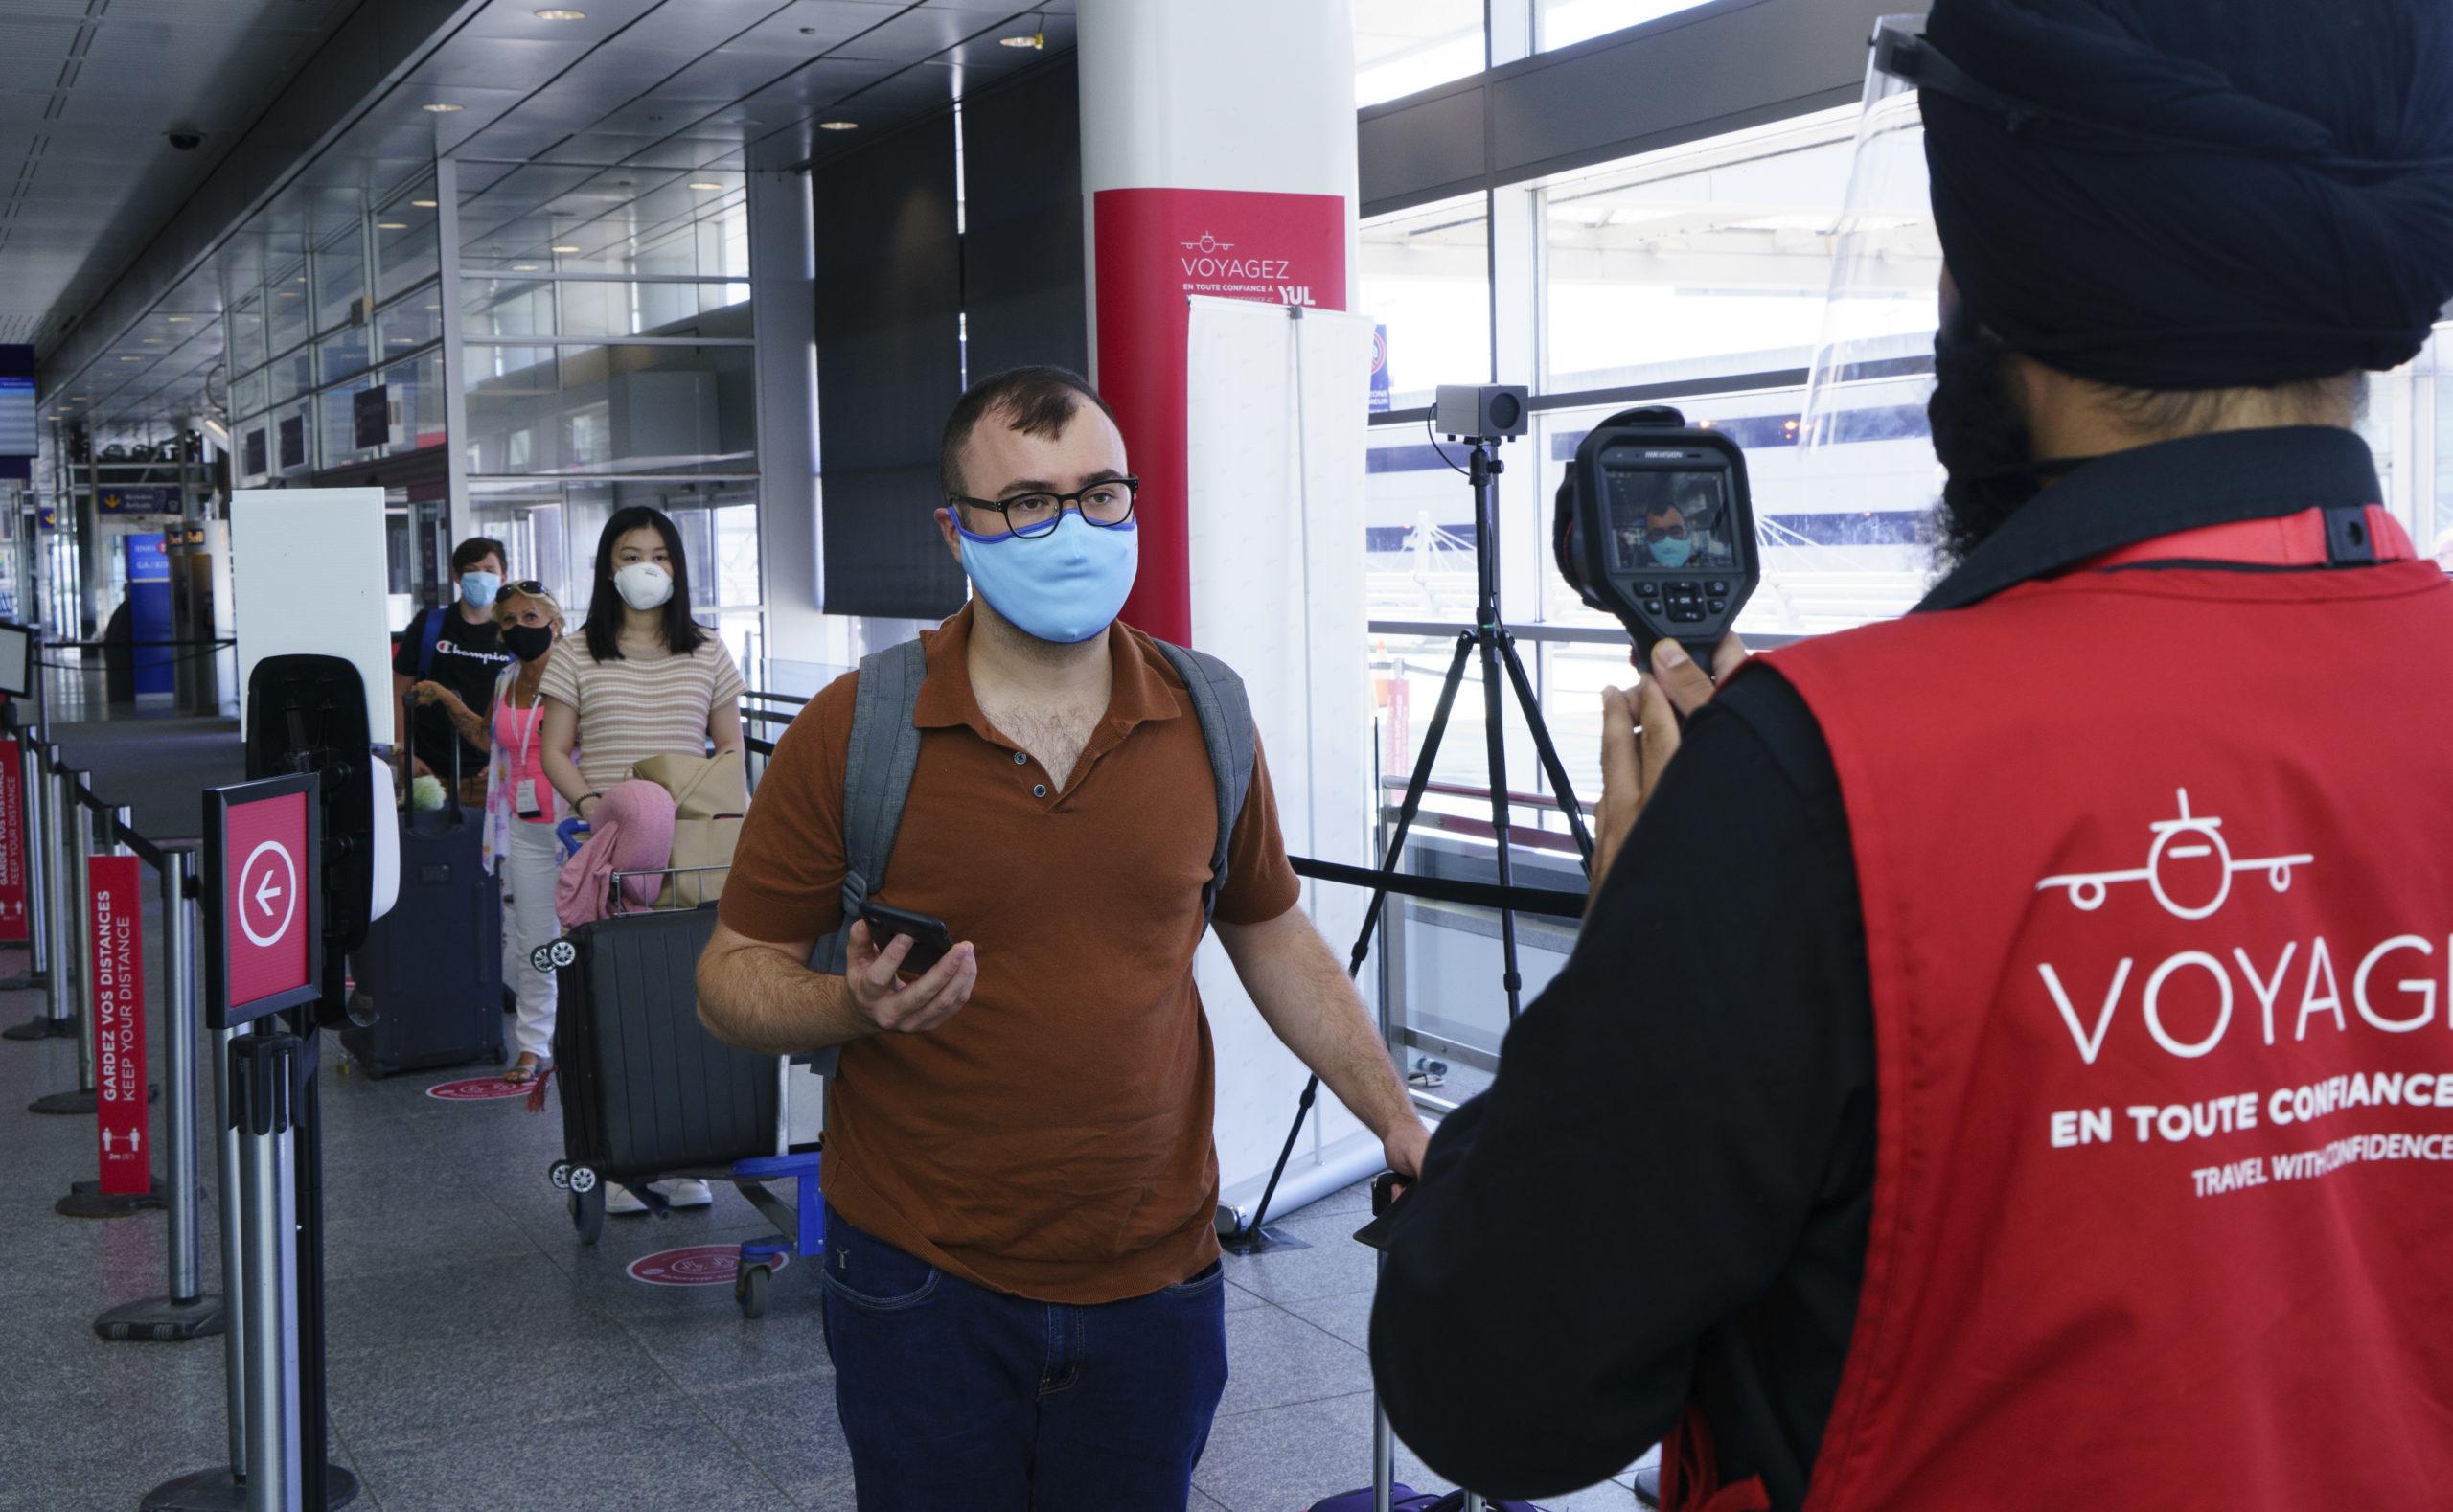 Des voyageurs vaccinés sont soulagés de l'assouplissement des règles